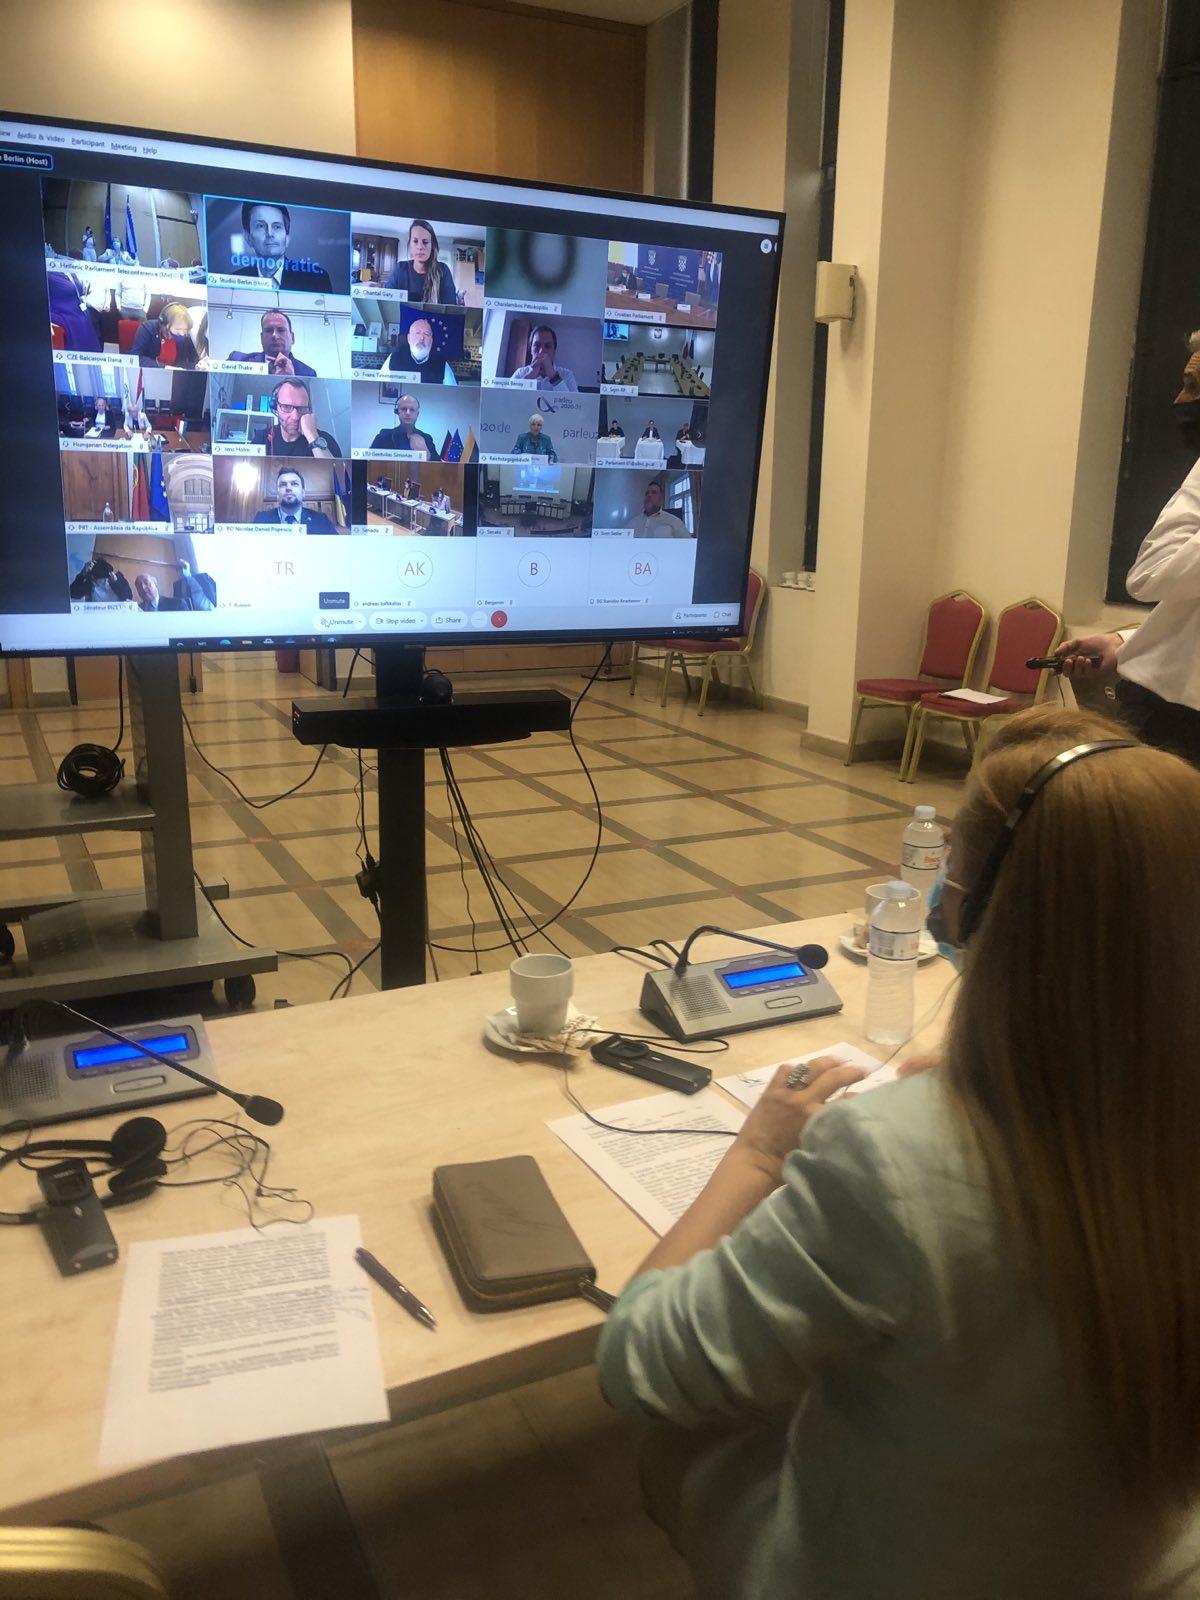 Συμμετοχή Αυγερινοπούλου στην τηλεδιάσκεψη των Κοινοβουλίων των Κρατών - Μελών της Ε.Ε.- Στο επίκεντρο η Ευρωπαϊκή Πράσινη Συμφωνία και η Κοινή Αγροτική Πολιτική